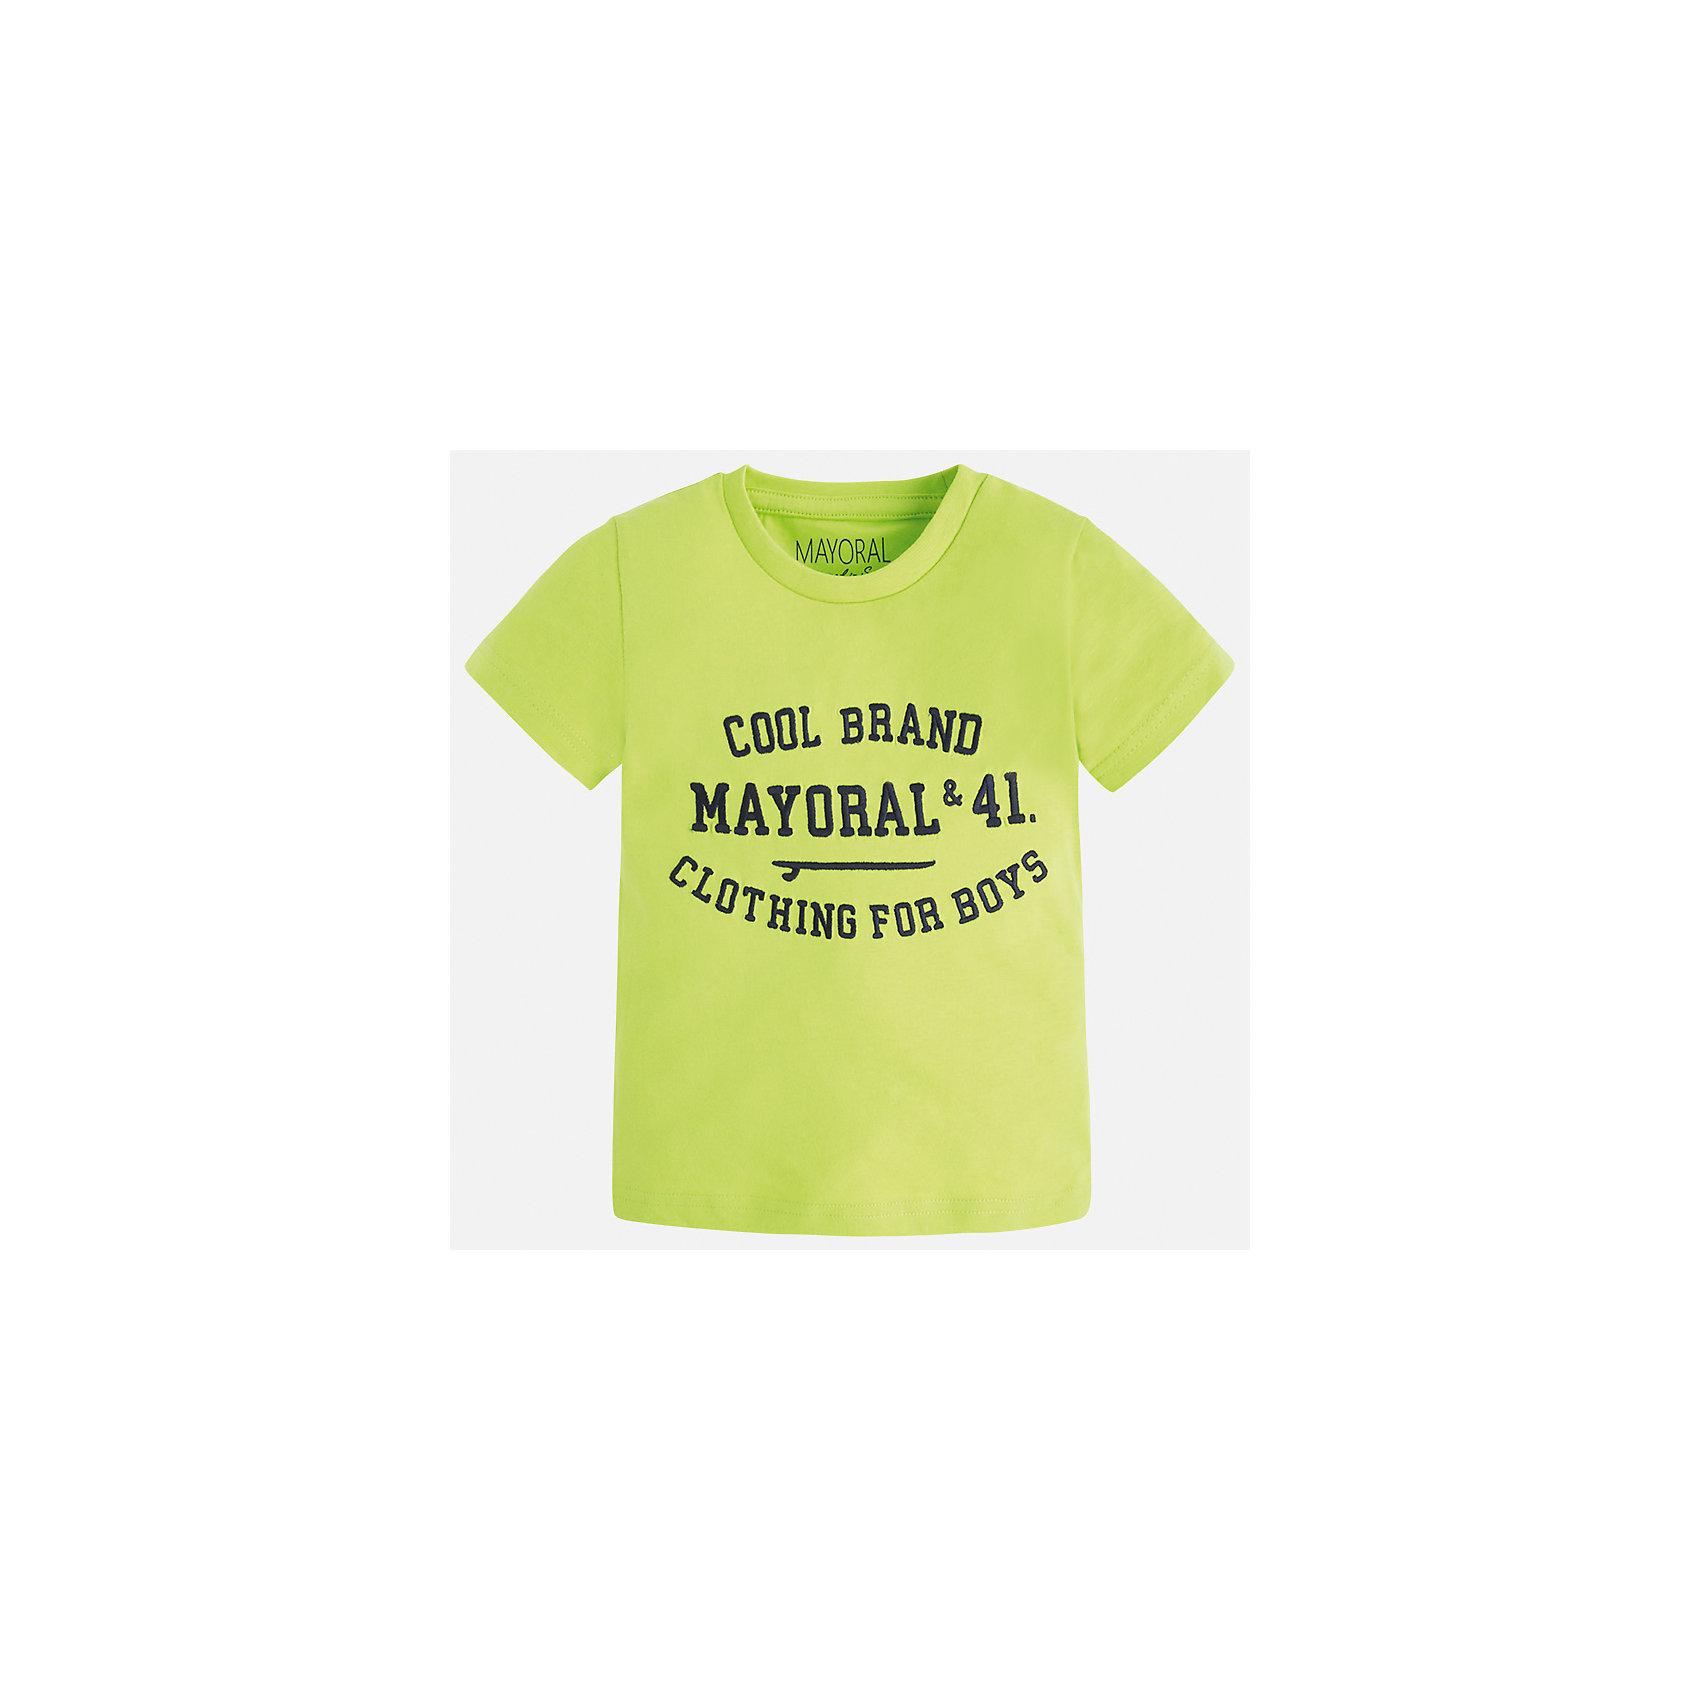 Футболка для мальчика MayoralХарактеристики товара:<br><br>• цвет: красный<br>• состав: 100% хлопок<br>• круглый горловой вырез<br>• принт впереди<br>• короткие рукава<br>• страна бренда: Испания<br><br>Стильная футболка с принтом поможет разнообразить гардероб мальчика. Она отлично сочетается с брюками, шортами, джинсами и т.д. Универсальный крой и цвет позволяет подобрать к вещи низ разных расцветок. Практичное и стильное изделие! В составе материала - только натуральный хлопок, гипоаллергенный, приятный на ощупь, дышащий.<br><br>Одежда, обувь и аксессуары от испанского бренда Mayoral полюбились детям и взрослым по всему миру. Модели этой марки - стильные и удобные. Для их производства используются только безопасные, качественные материалы и фурнитура. Порадуйте ребенка модными и красивыми вещами от Mayoral! <br><br>Футболку для мальчика от испанского бренда Mayoral (Майорал) можно купить в нашем интернет-магазине.<br><br>Ширина мм: 199<br>Глубина мм: 10<br>Высота мм: 161<br>Вес г: 151<br>Цвет: красный<br>Возраст от месяцев: 36<br>Возраст до месяцев: 48<br>Пол: Мужской<br>Возраст: Детский<br>Размер: 104,92,98,134,128,122,116,110<br>SKU: 3516075